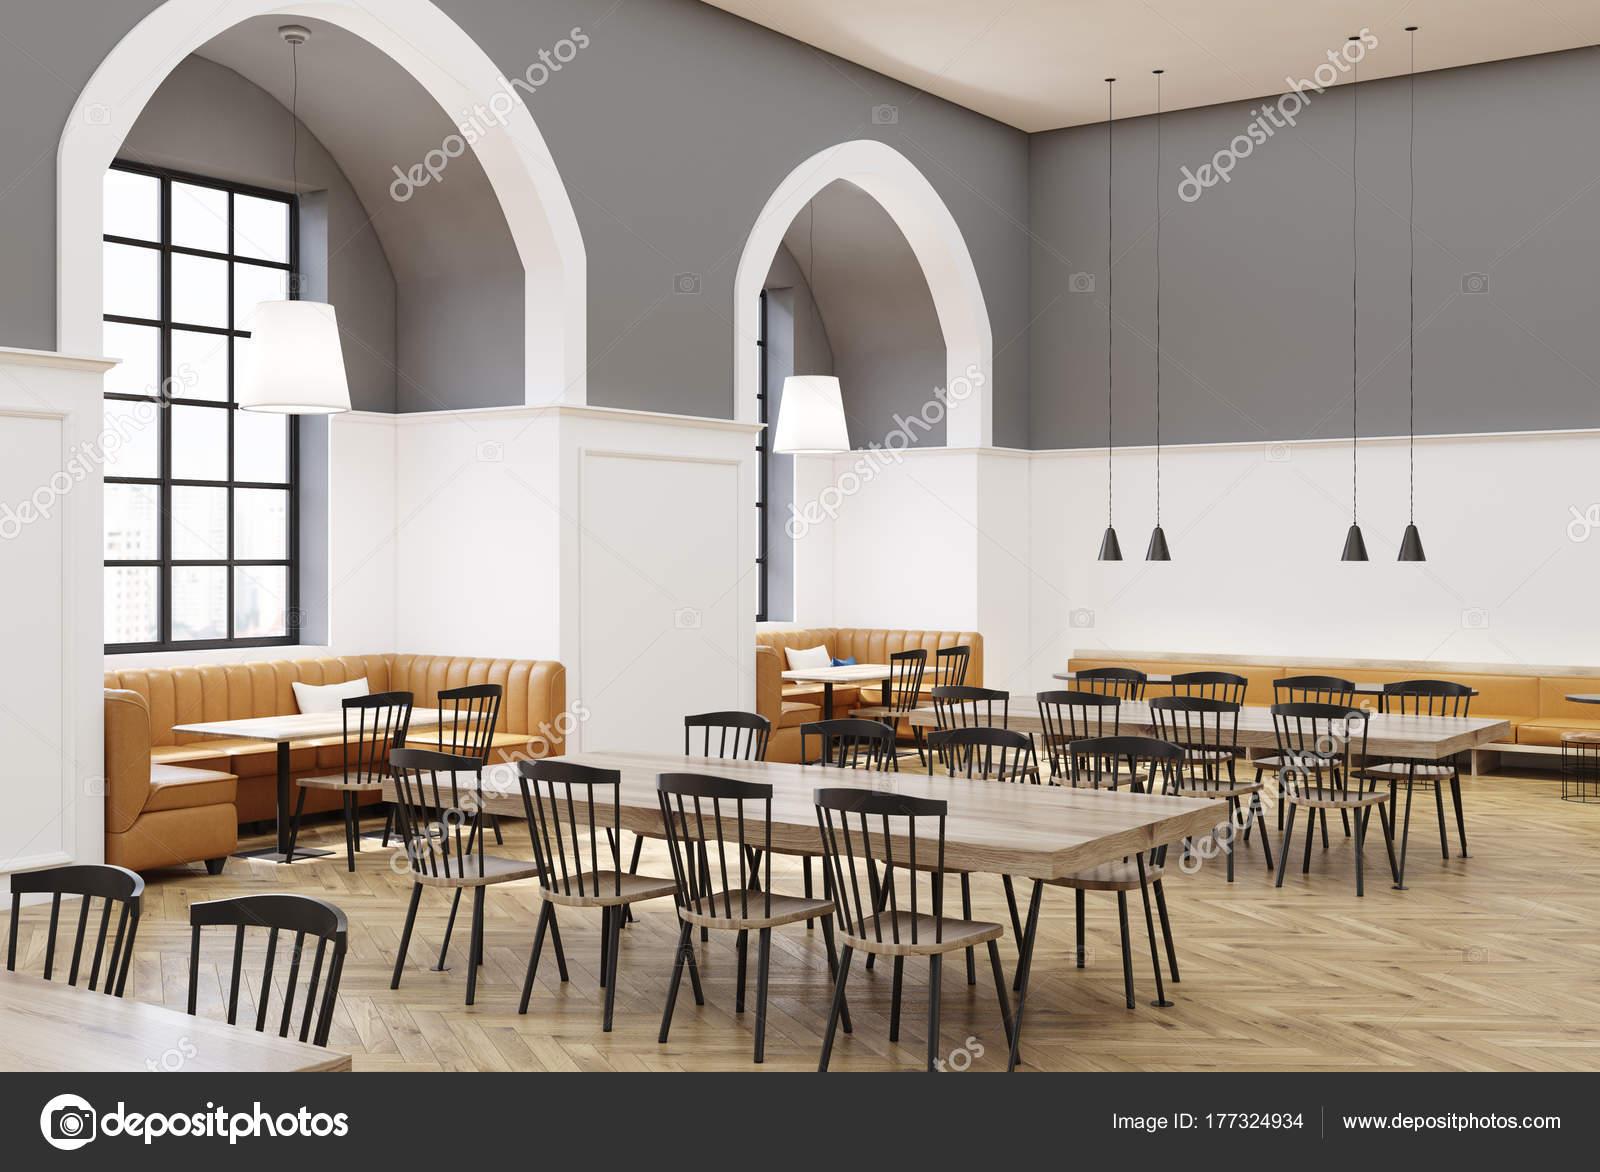 caf moderne intrieur avec des murs blancs et gris un plancher en bois des tables rondes de gris et en bois jaunes canaps et chaises en bois noirs